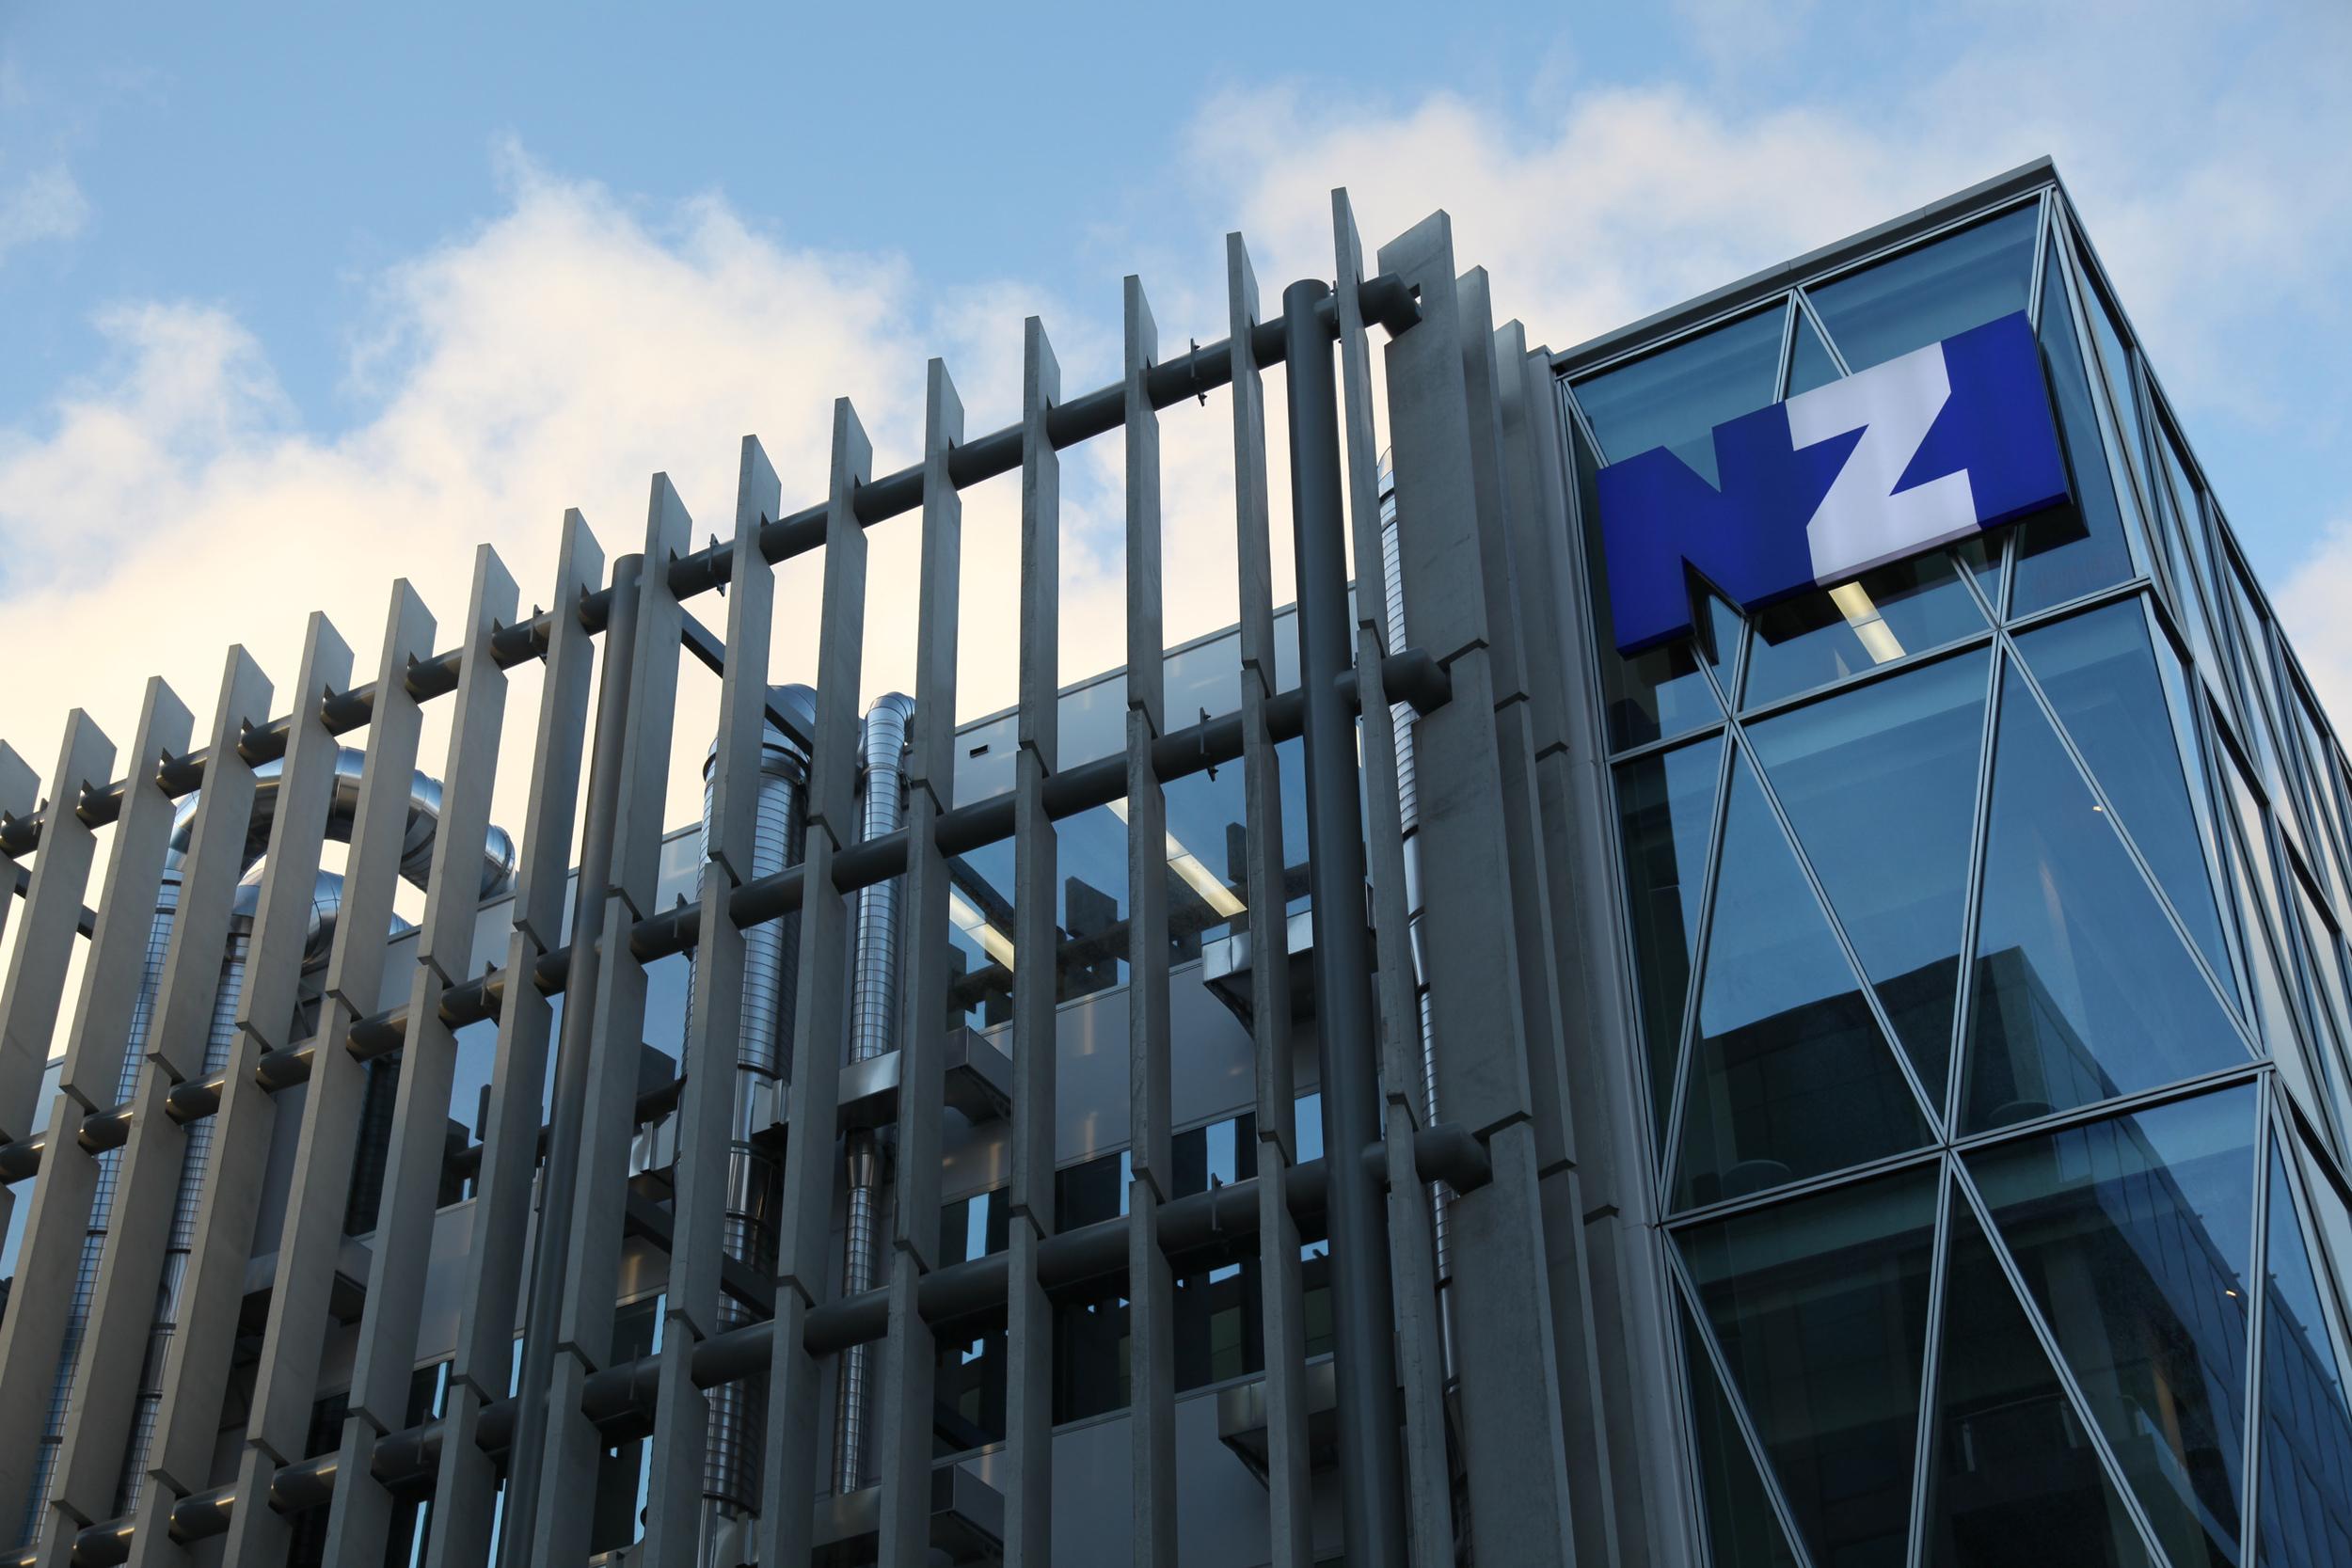 NZIBuilding_Exterior 22.JPG